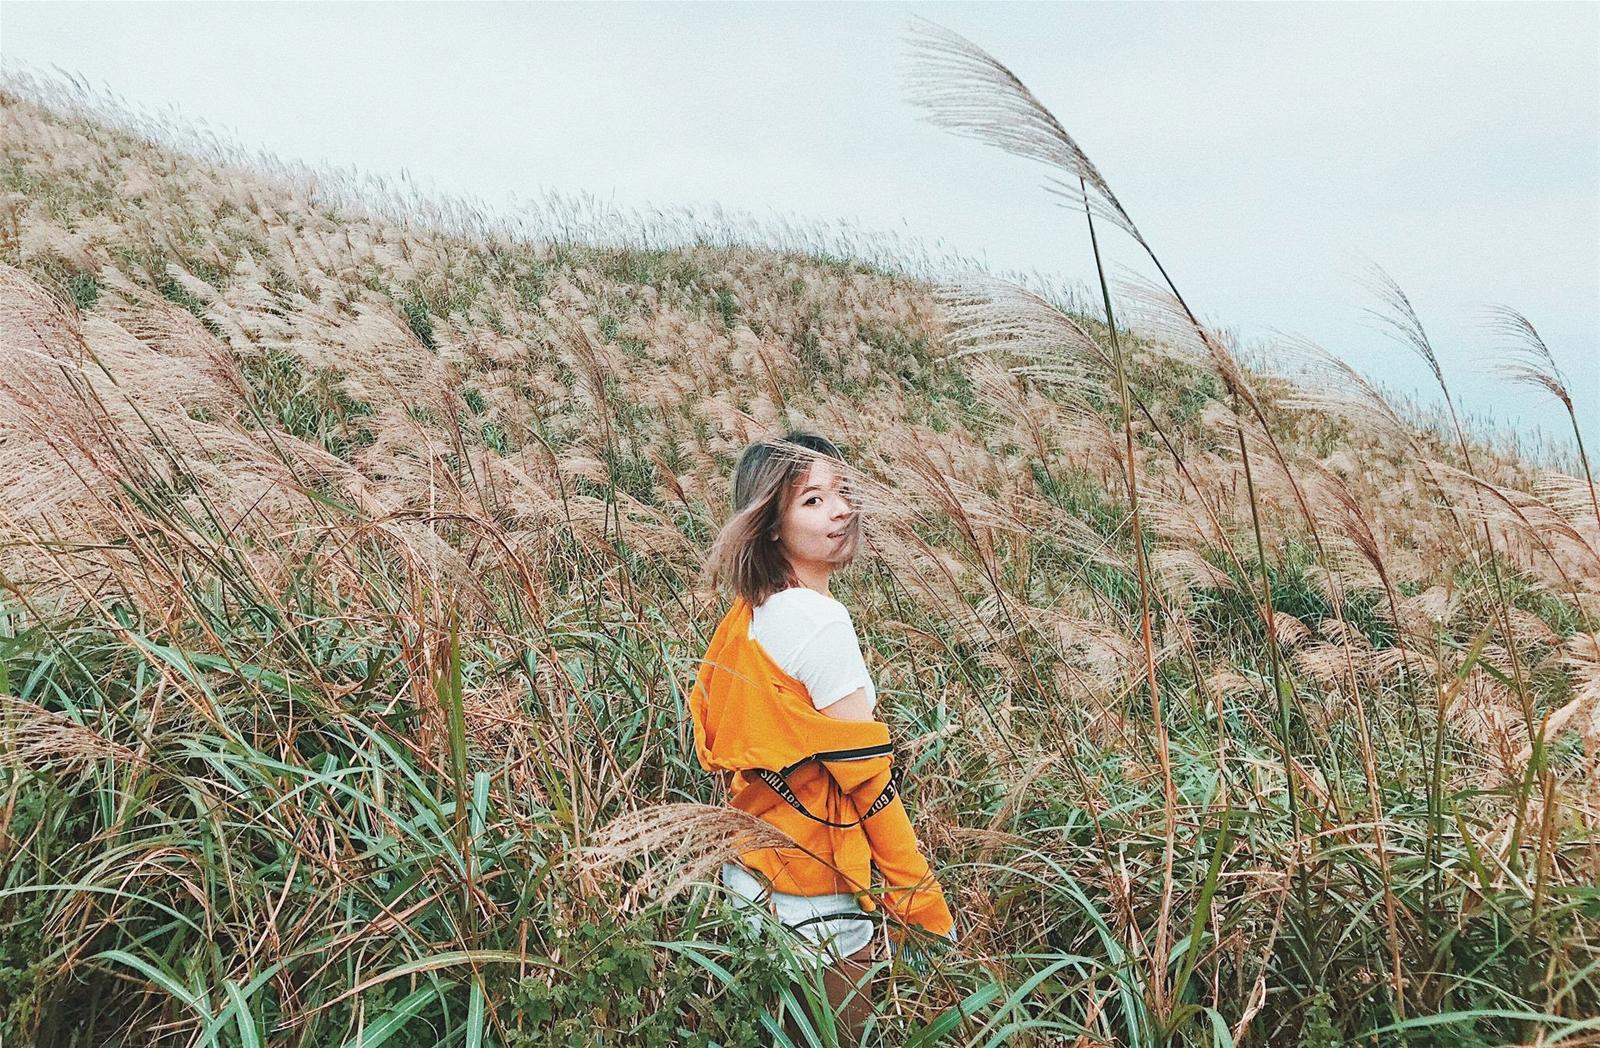 Vô số các bức ảnh đẹp của giới trẻ đã được chụp tại cánh đồng cỏ lau